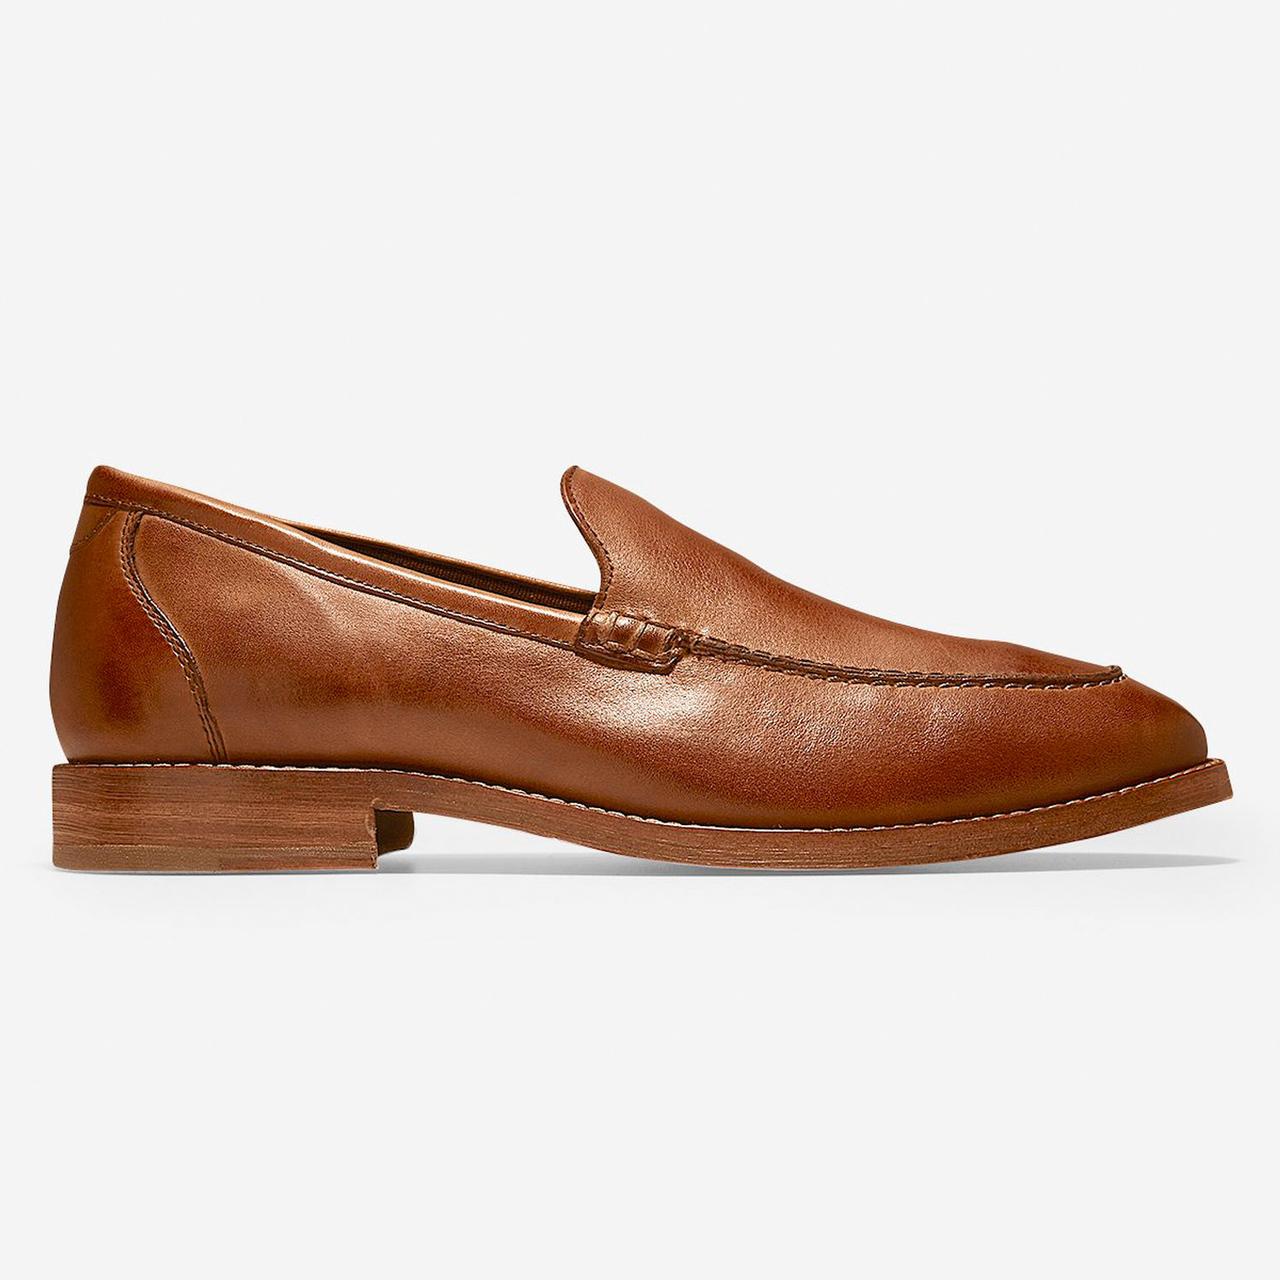 8597dc066b1ec ShoeStores.com